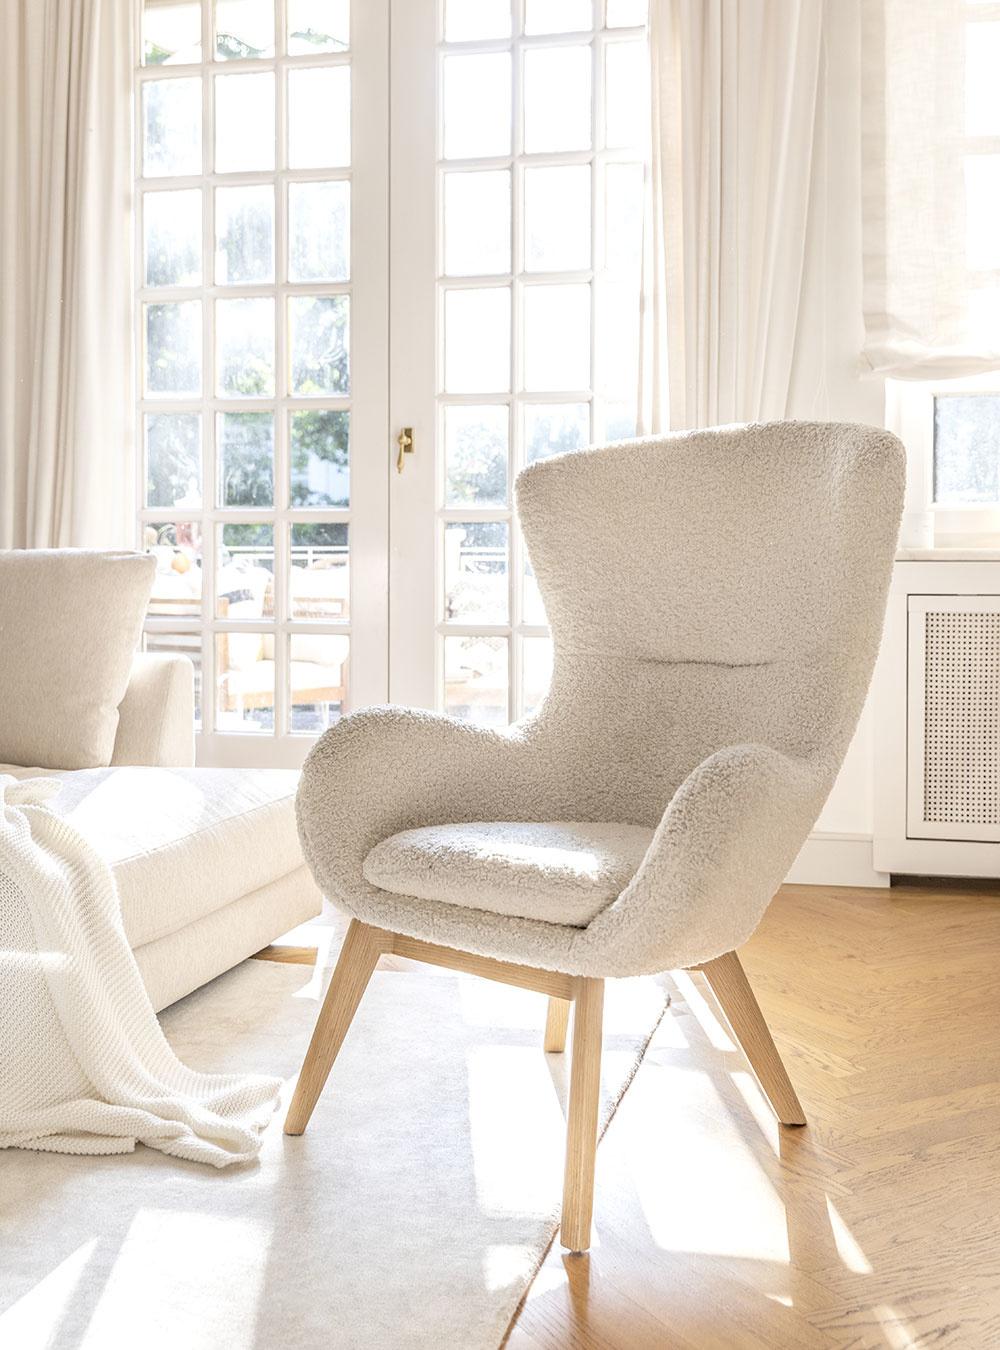 kreslo v bielej farbe